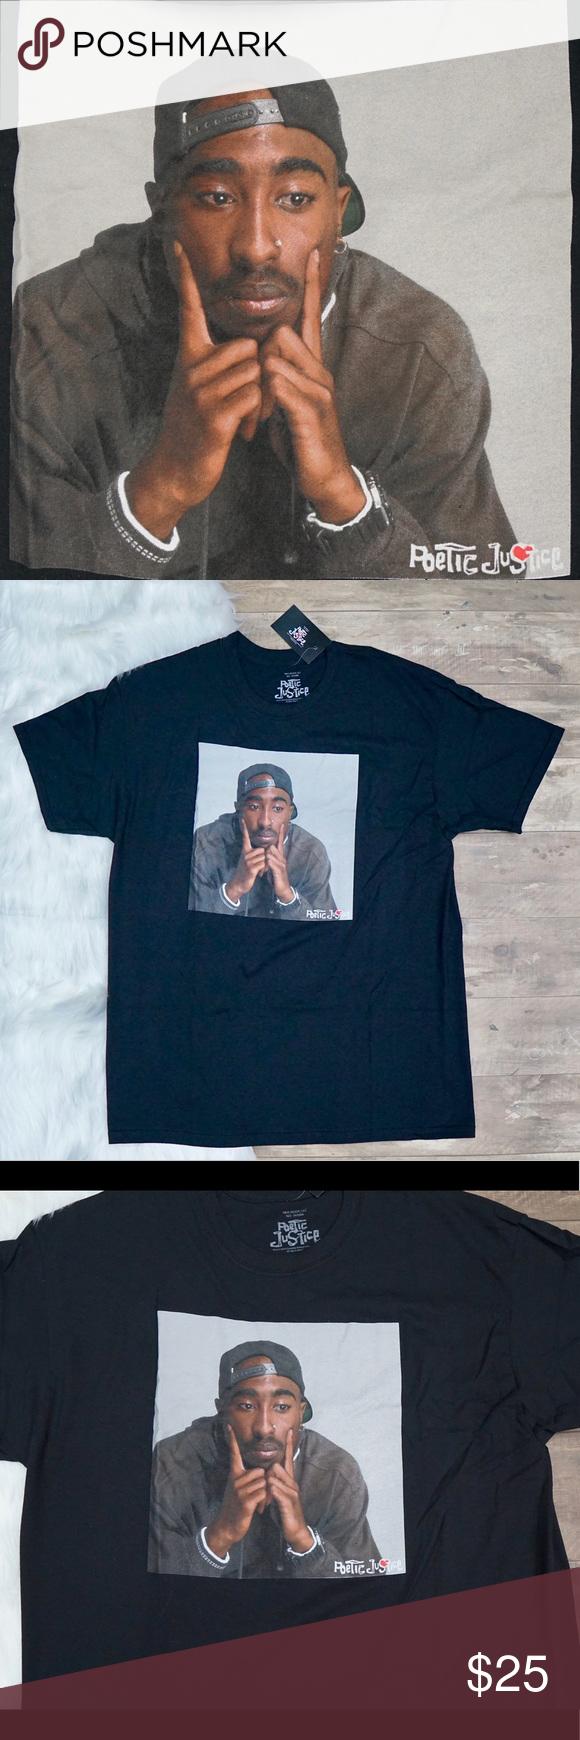 2pac Tupac Shakur Poetic Justice T Shirt Justice Tshirts Poetic Justice T Shirt